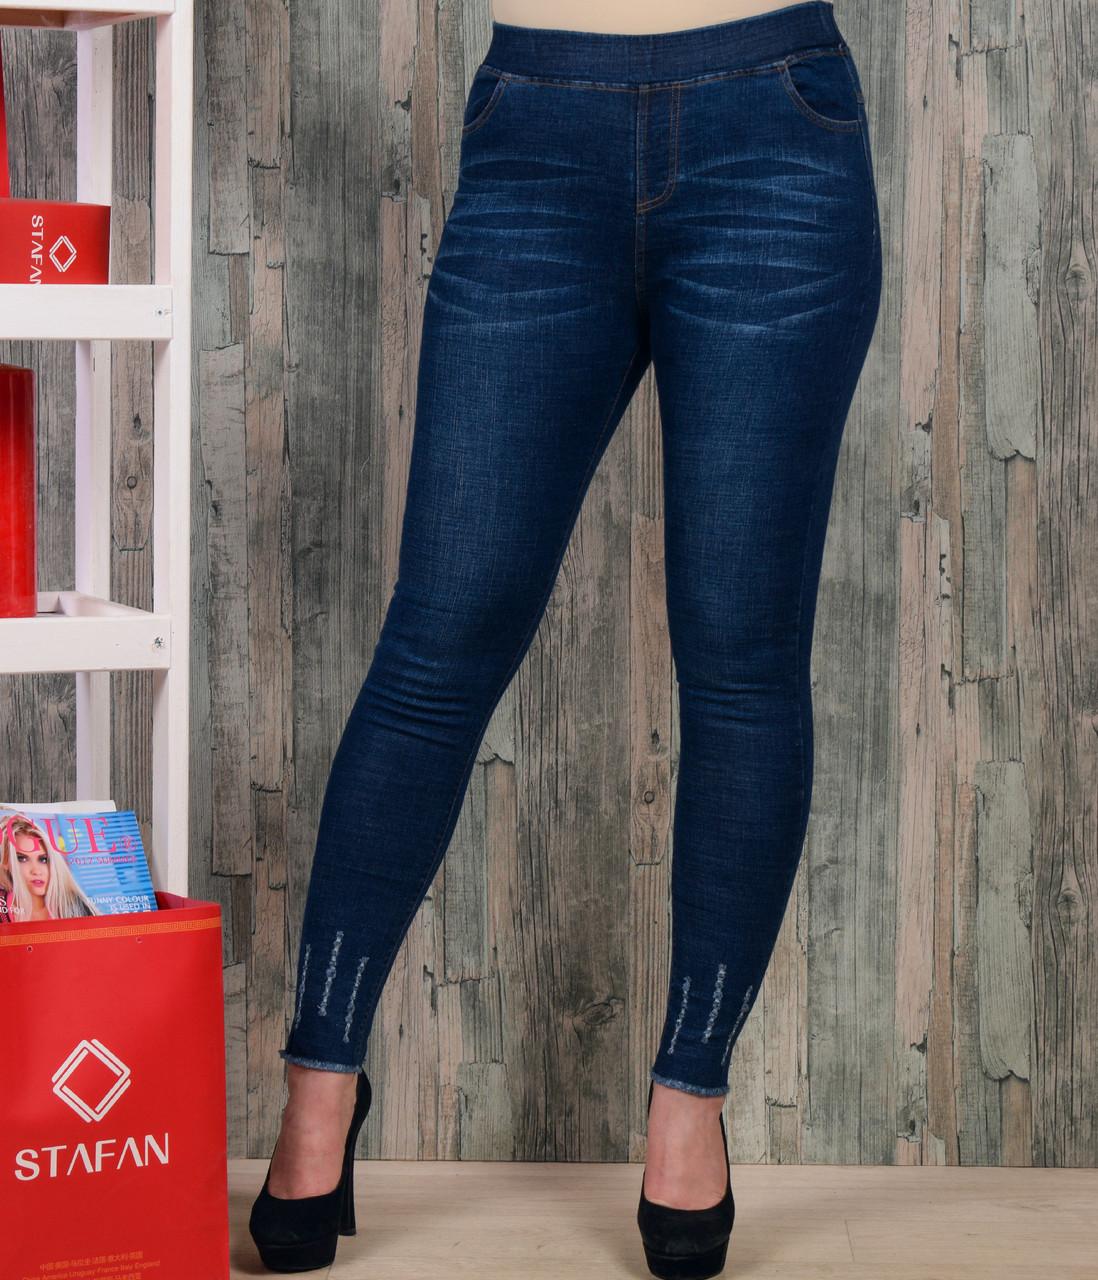 Купить женские джинсы в Украине ᐉ Продажа женских джинсов e5cbadfe1cfd3